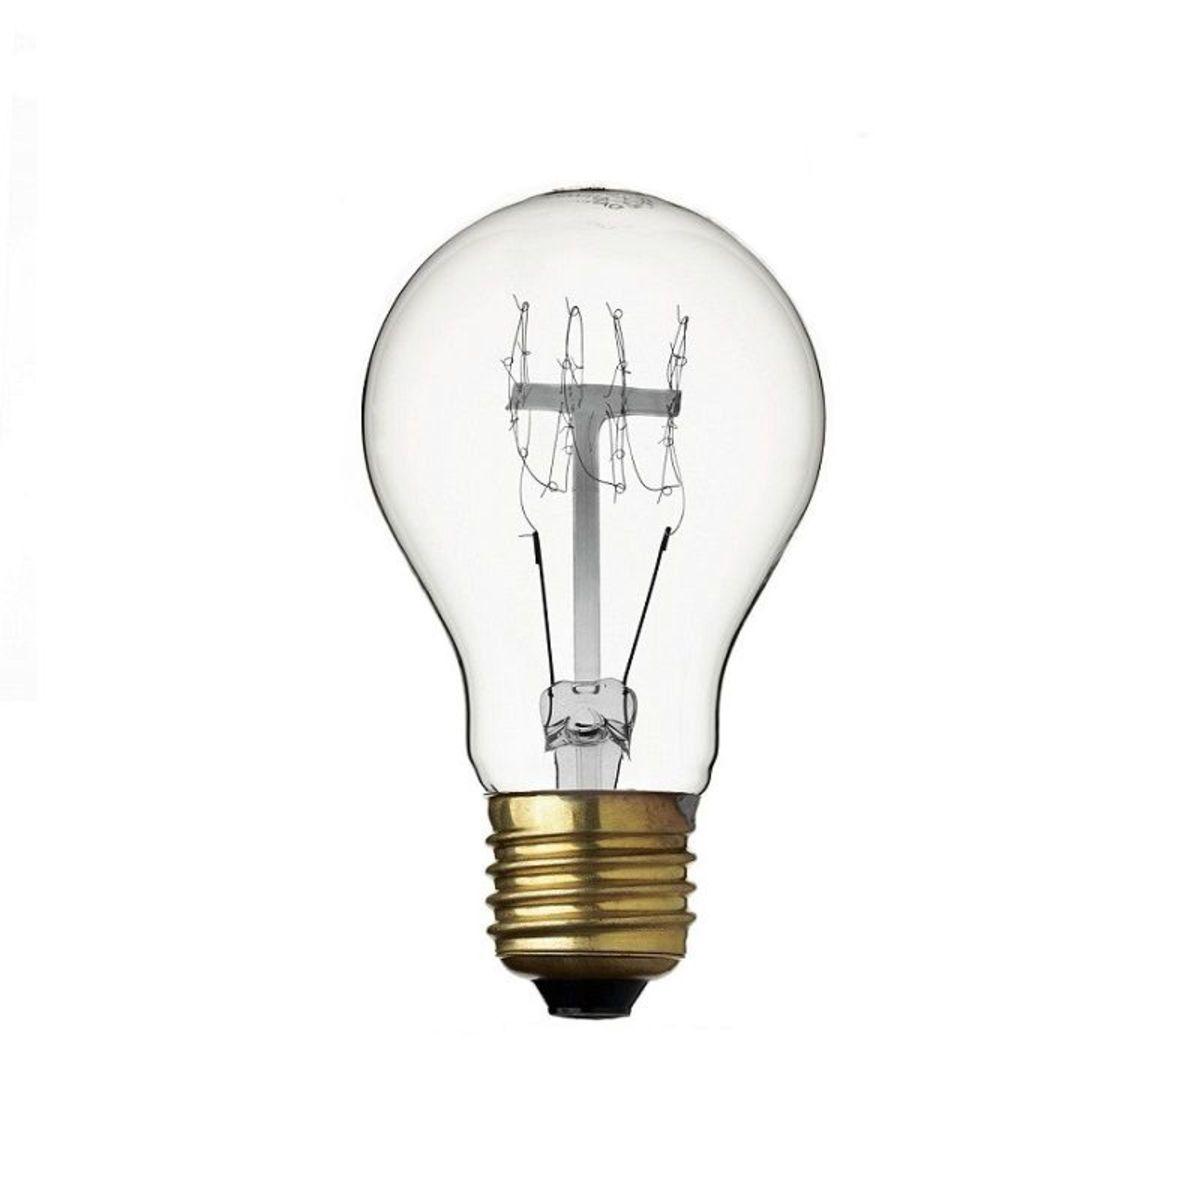 Artikel klicken und genauer betrachten! - Leuchtmittel: E27, 25 W, Farbtemperatur: Neutralweiß, Maße: Höe ca. 11 cm, Ø ca. 8 cm, Material: Glas, Metall. | im Online Shop kaufen